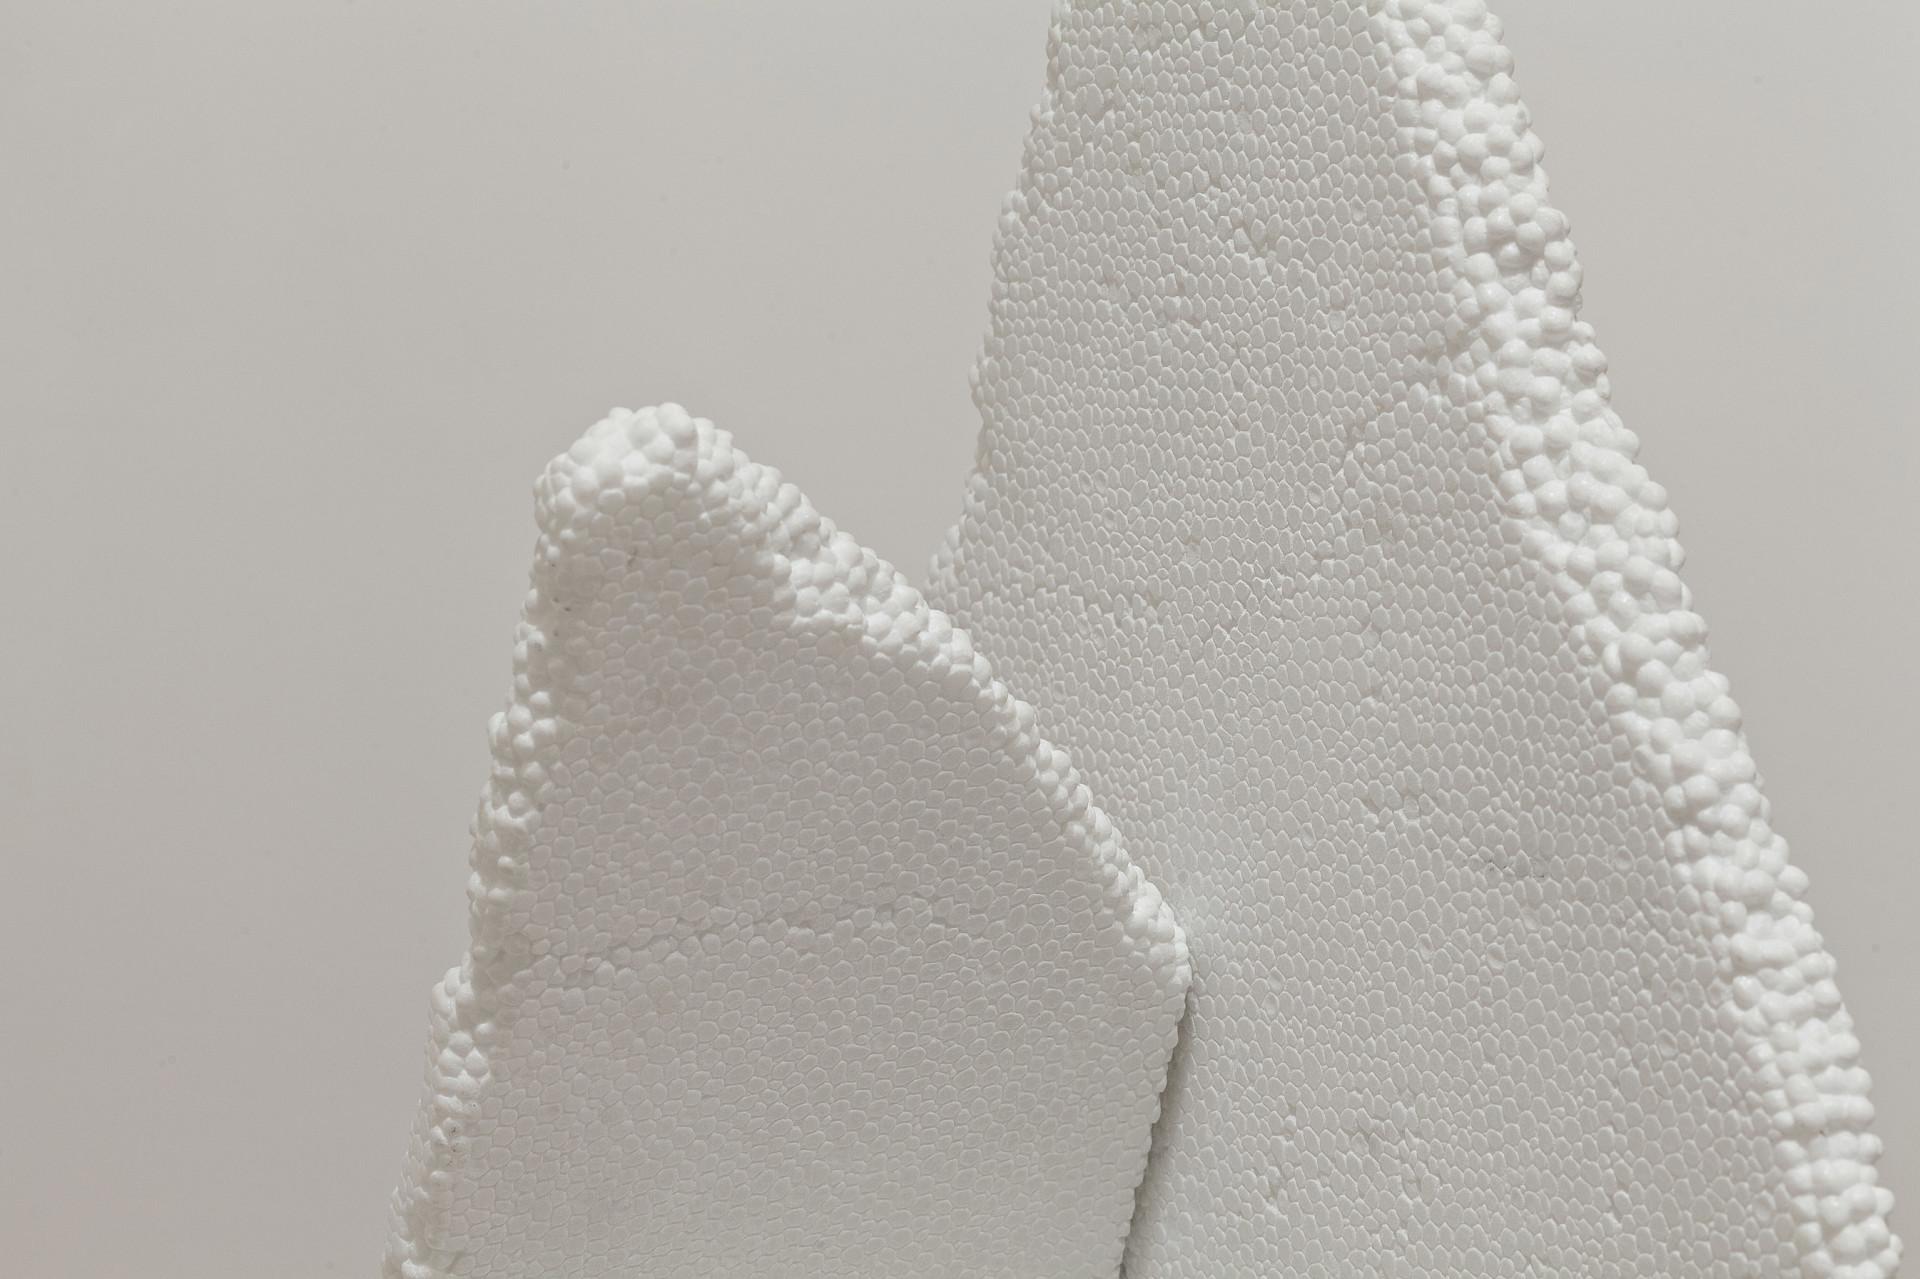 fabio viale marmo marble sculpture scultura polistirolo poggiali forconi styrofoam